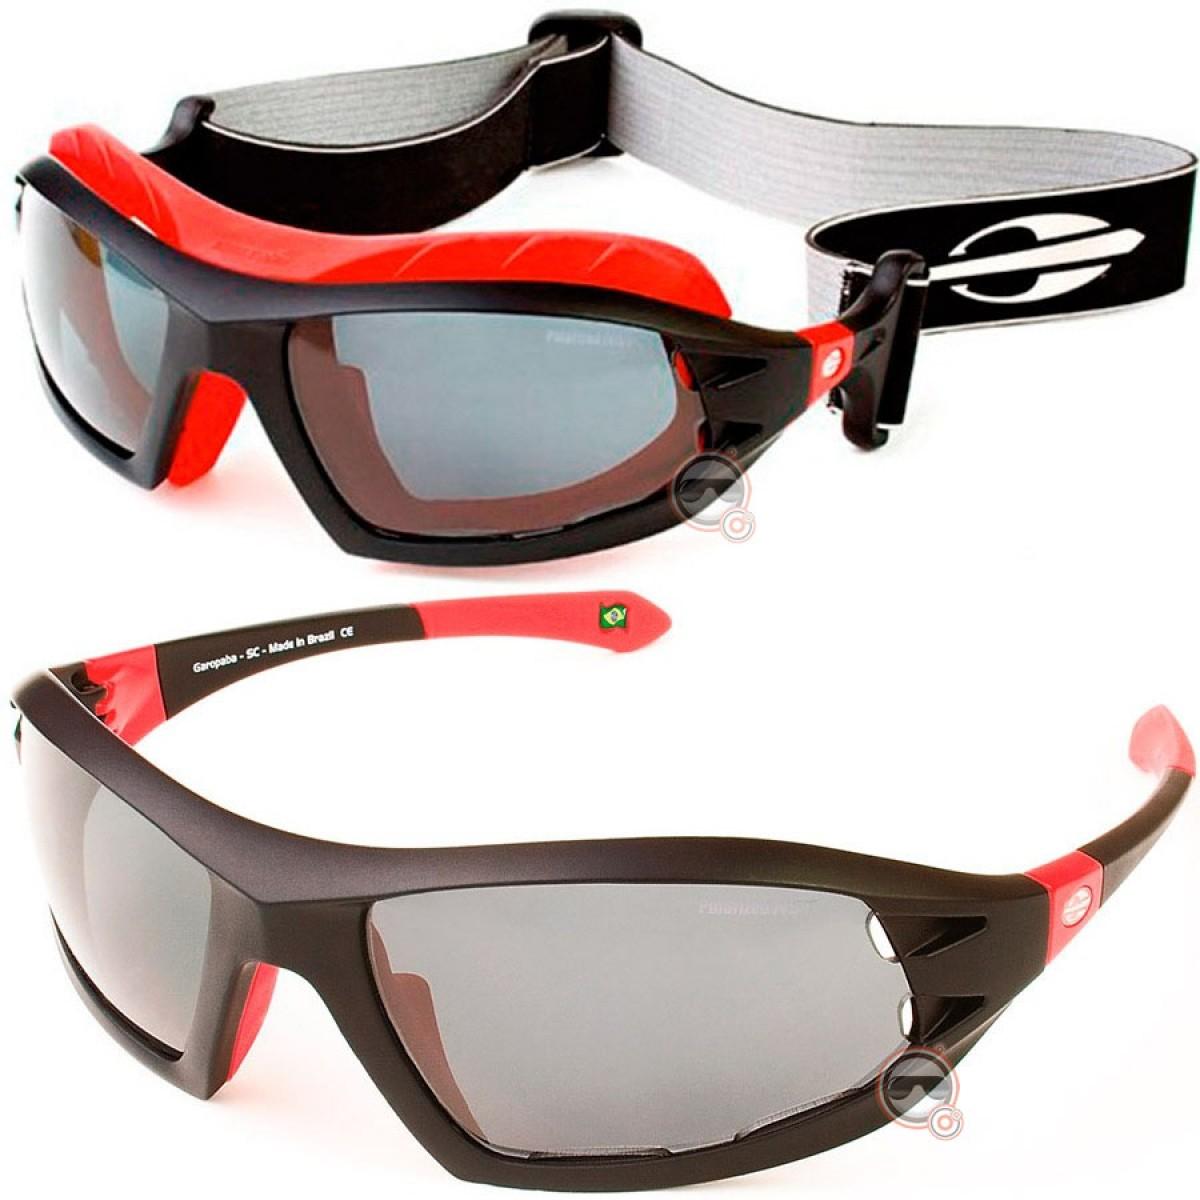 e8fdc1be2 Mormaii Floater, óculos para surf - Esporte Visão